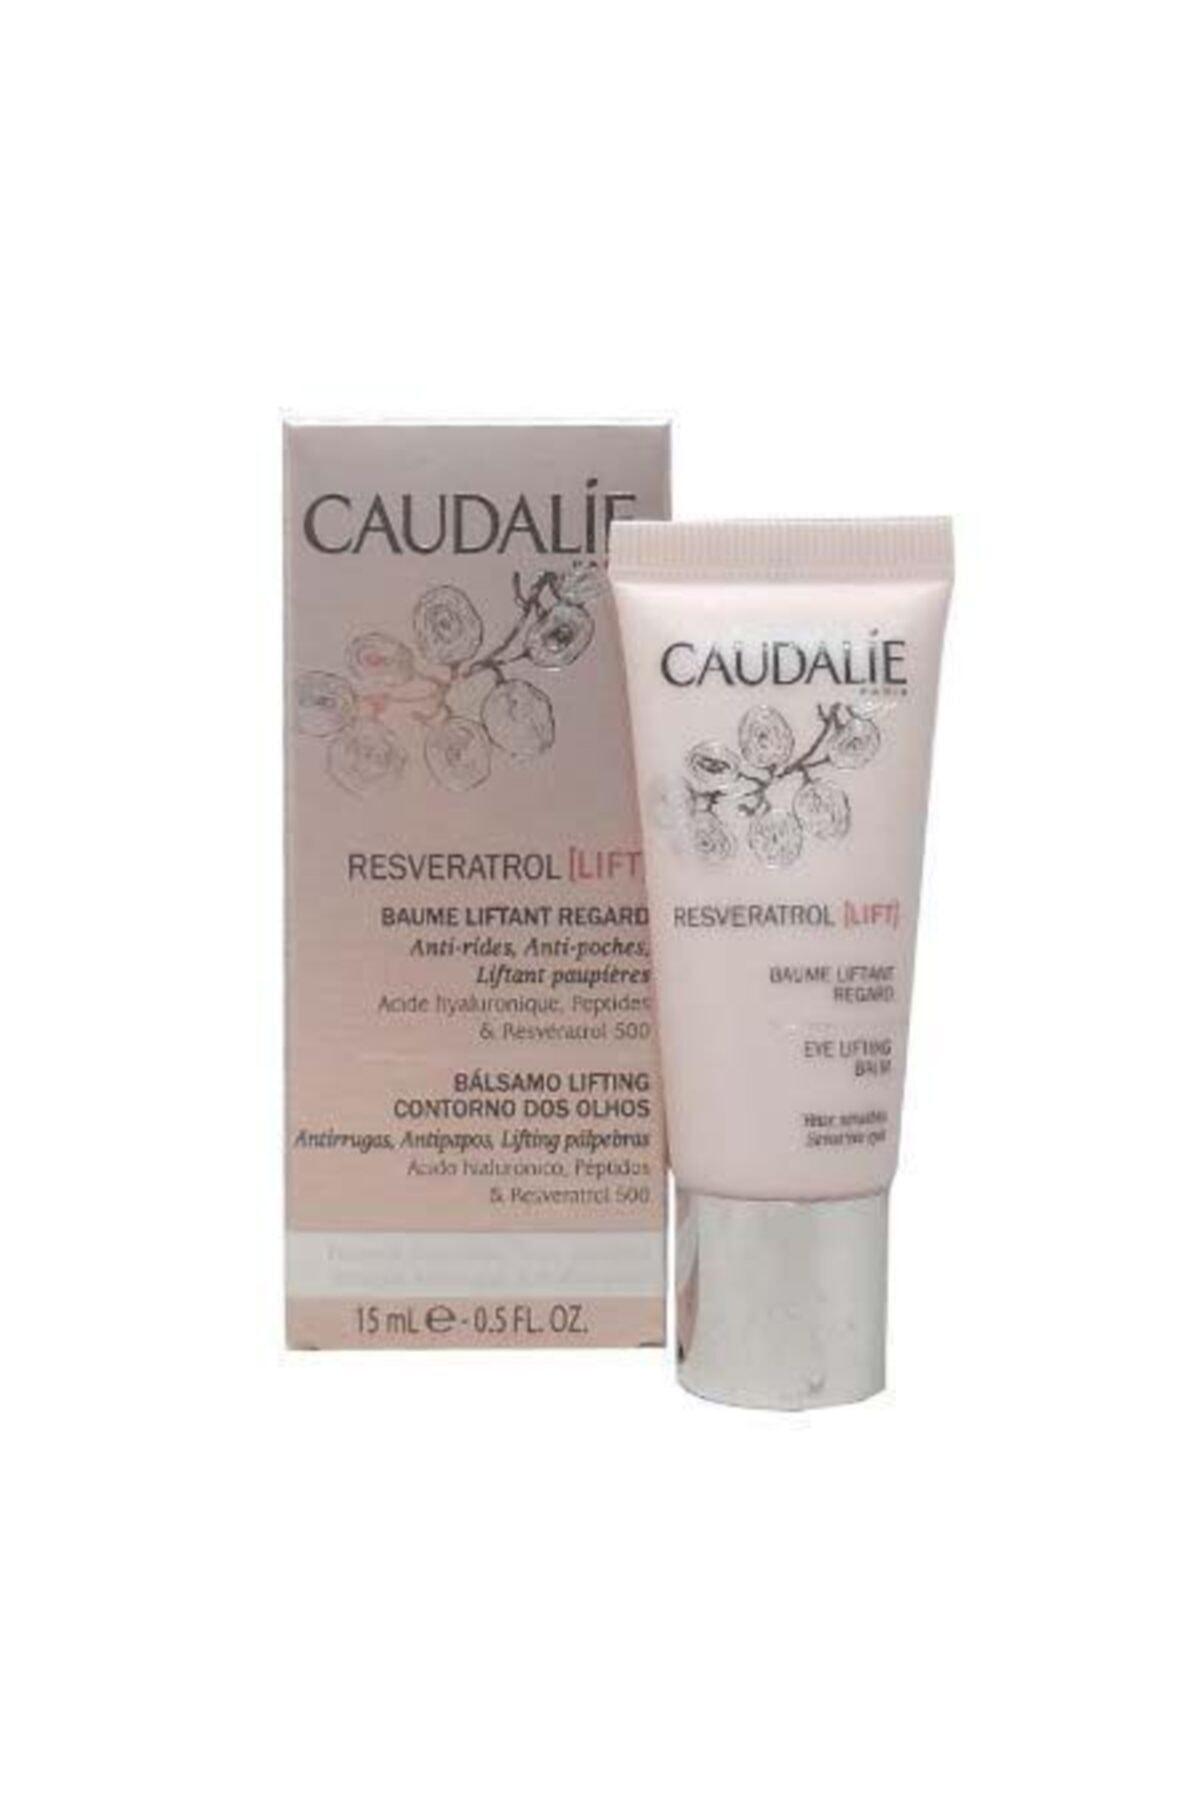 Caudalie Resveratrol Lift Sıkılaştırıcı Etkili Göz Bakım Balmı 15 ml 1